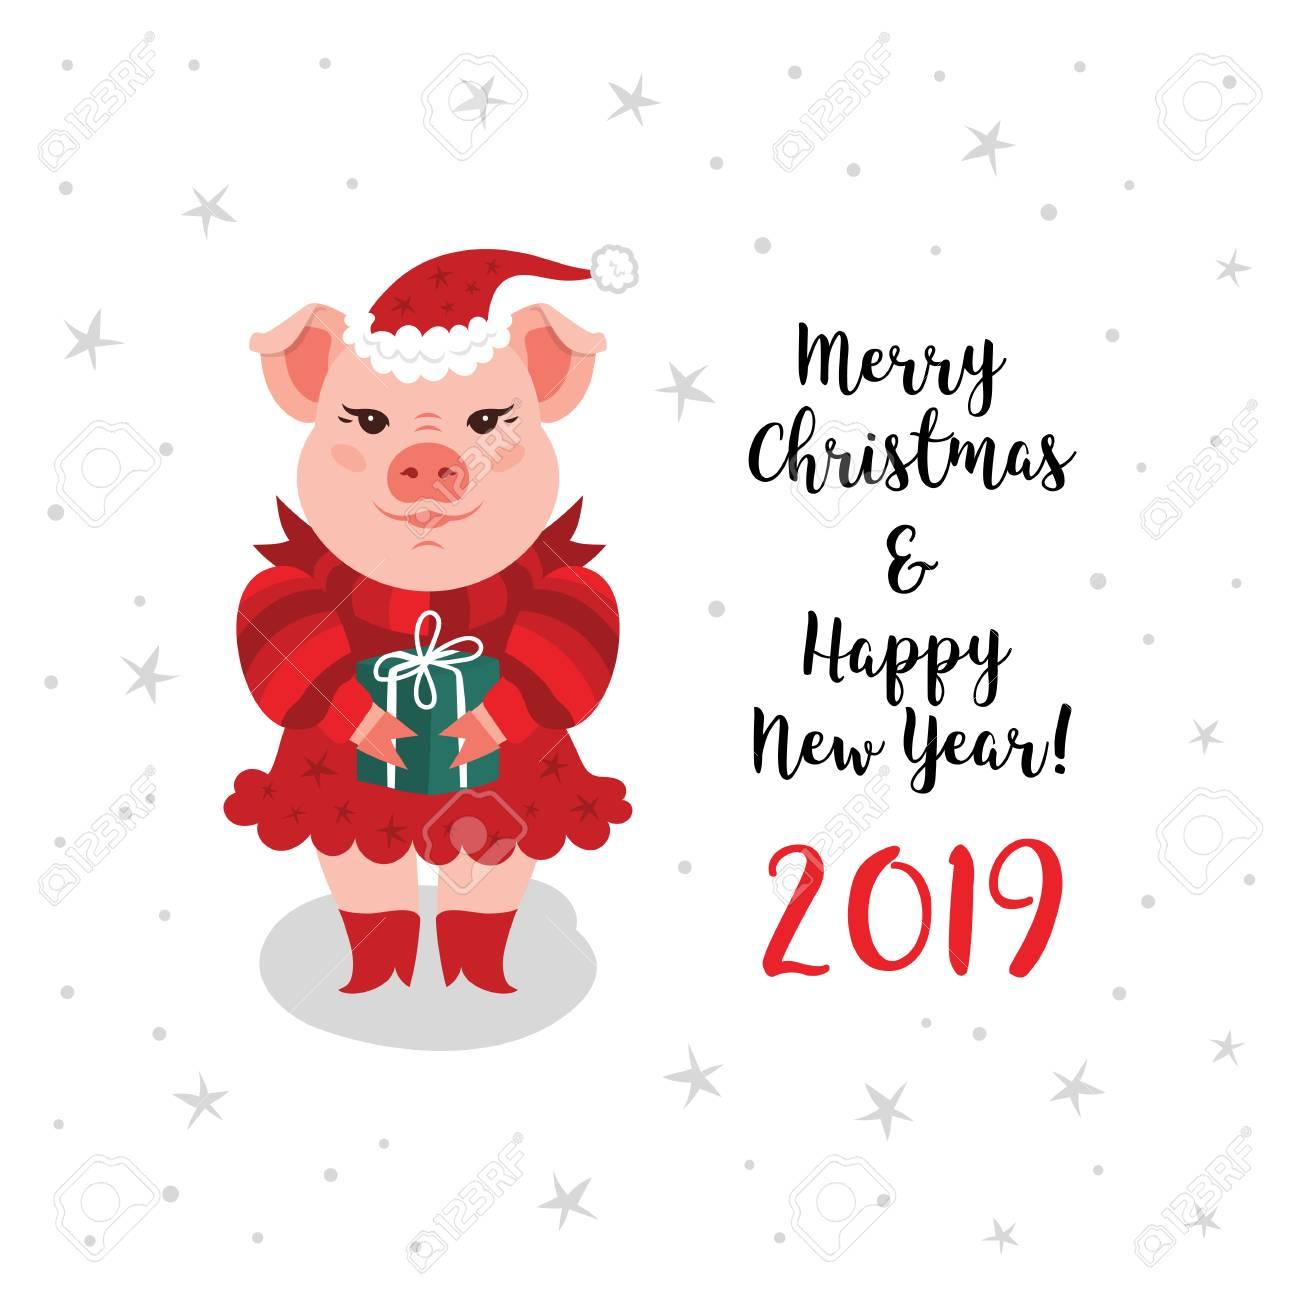 Hình ảnh chúc năm mới con lợn cùng hình ảnh hoạt hình cartoon đẹp nhất 2019